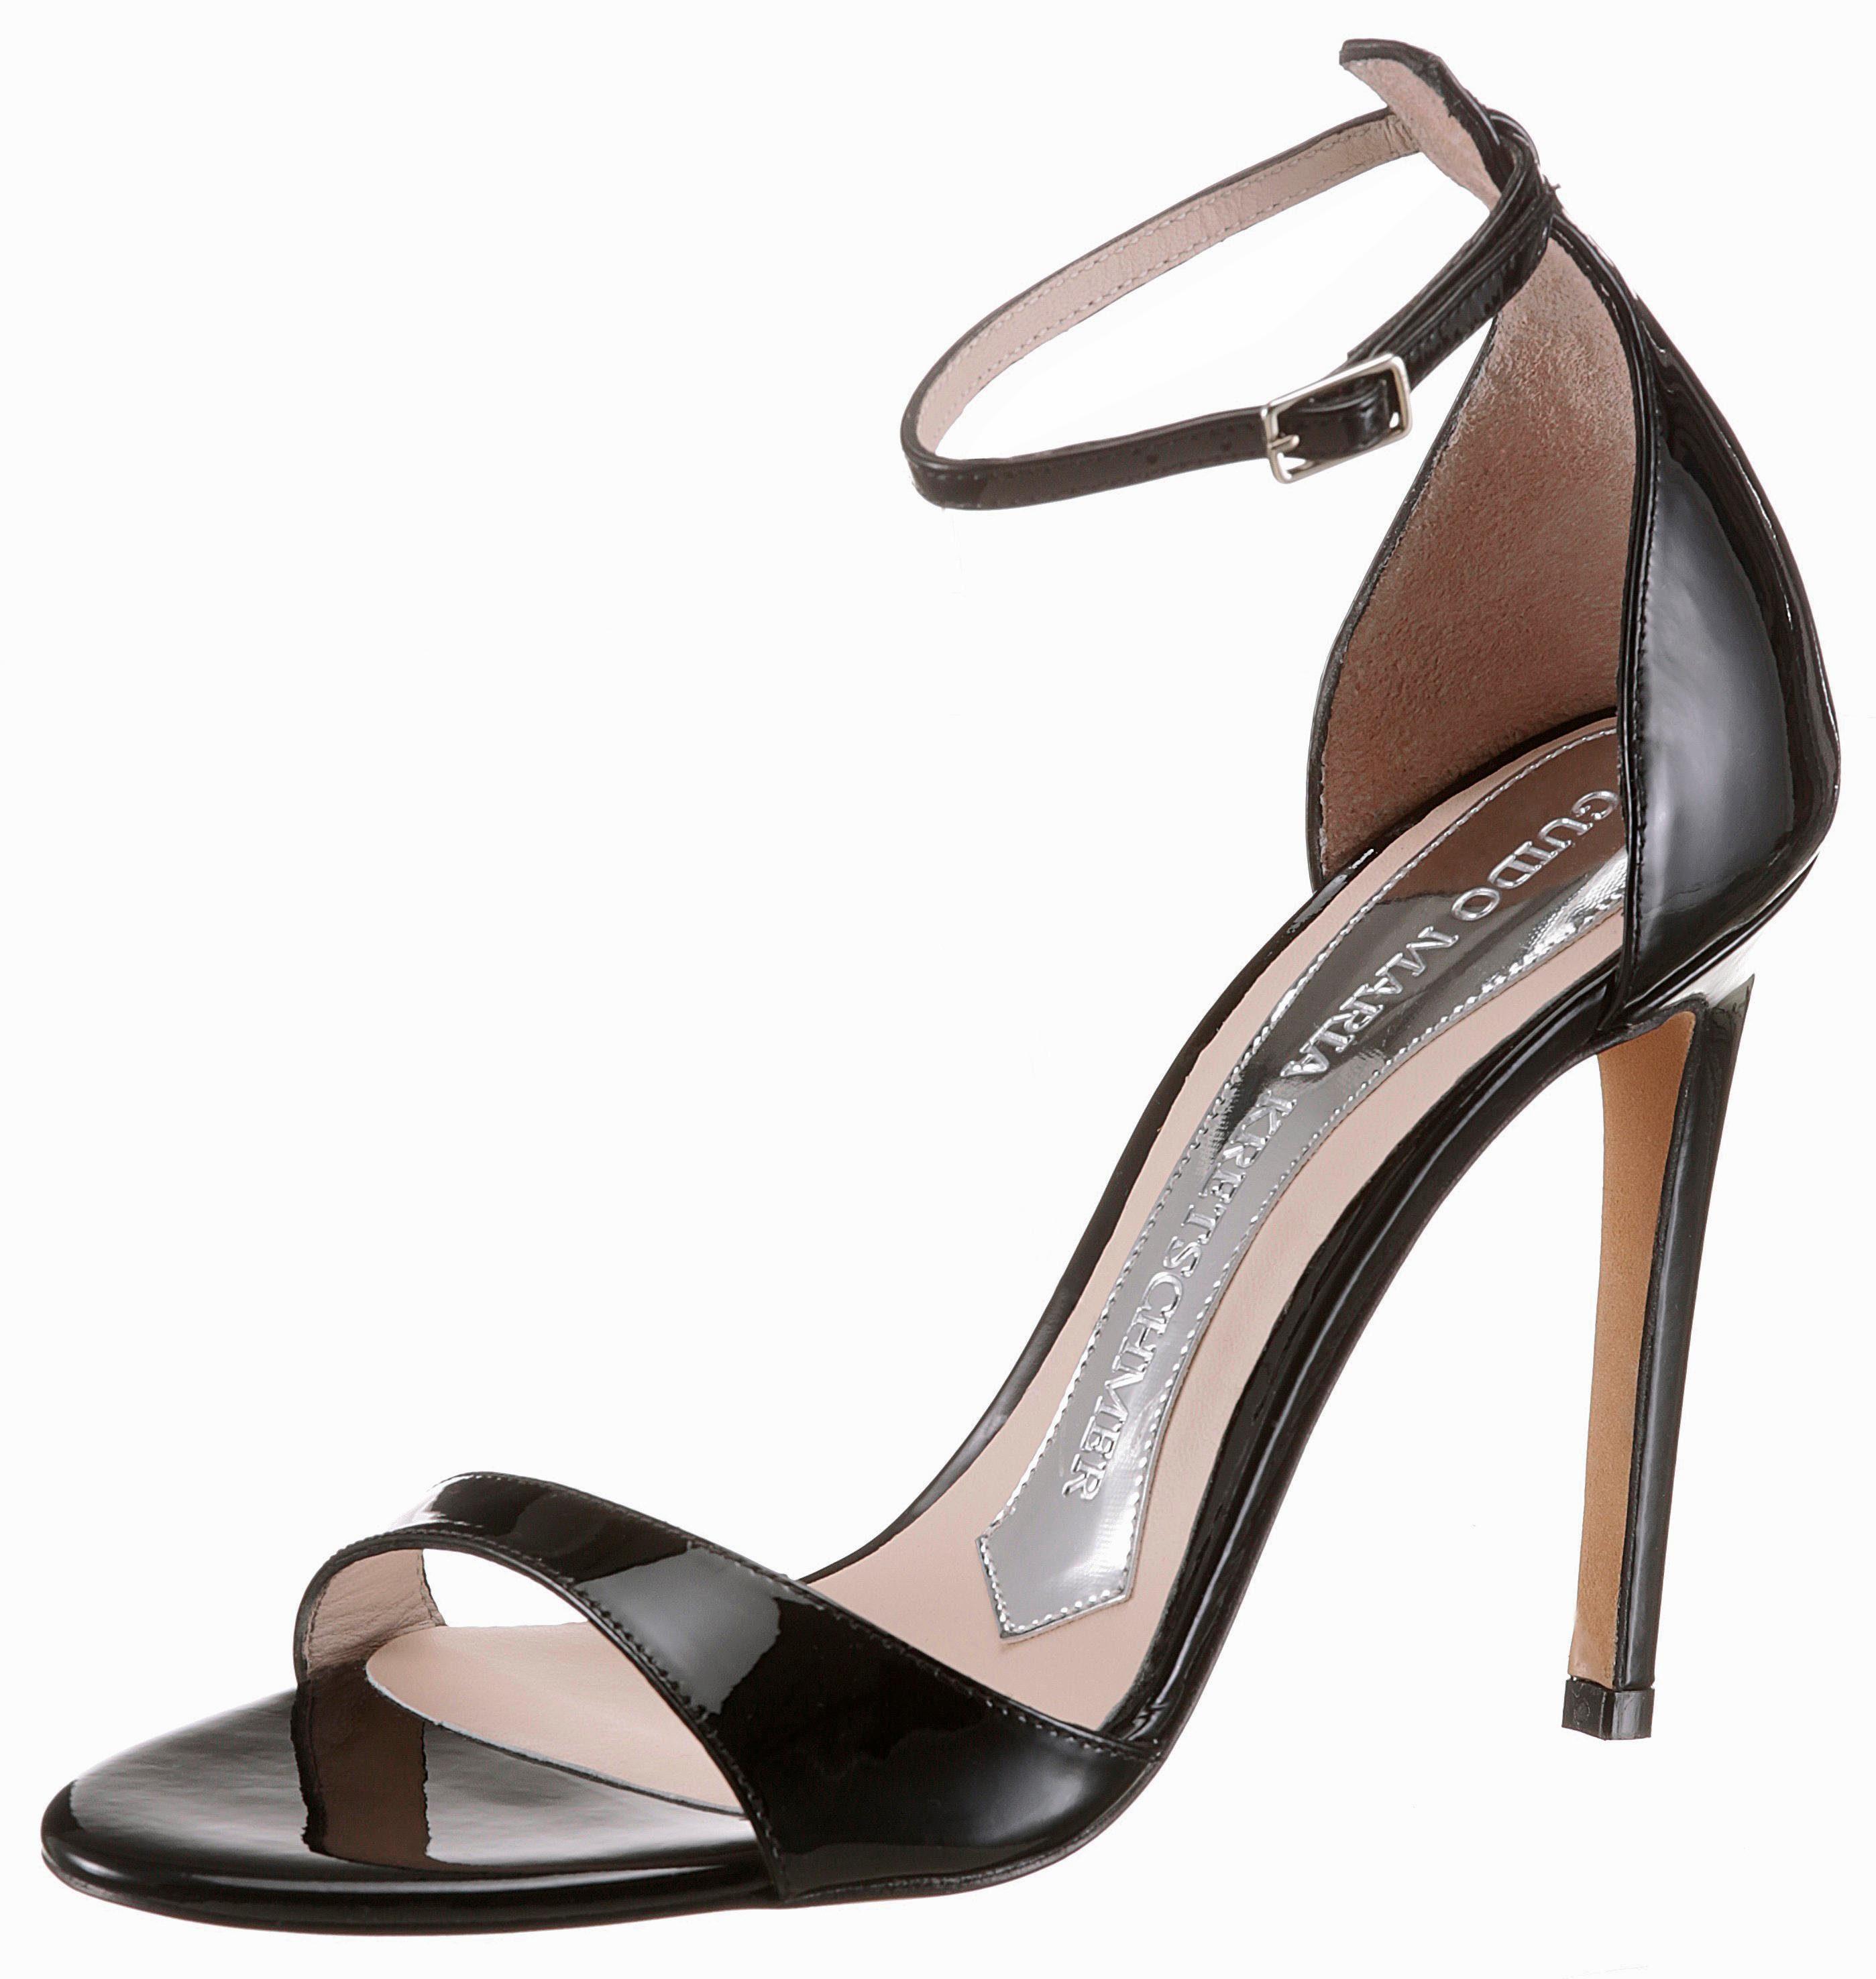 GUIDO MARIA KRETSCHMER Sandalette, aus elegantem Lackleder als Obermaterial online kaufen  schwarz